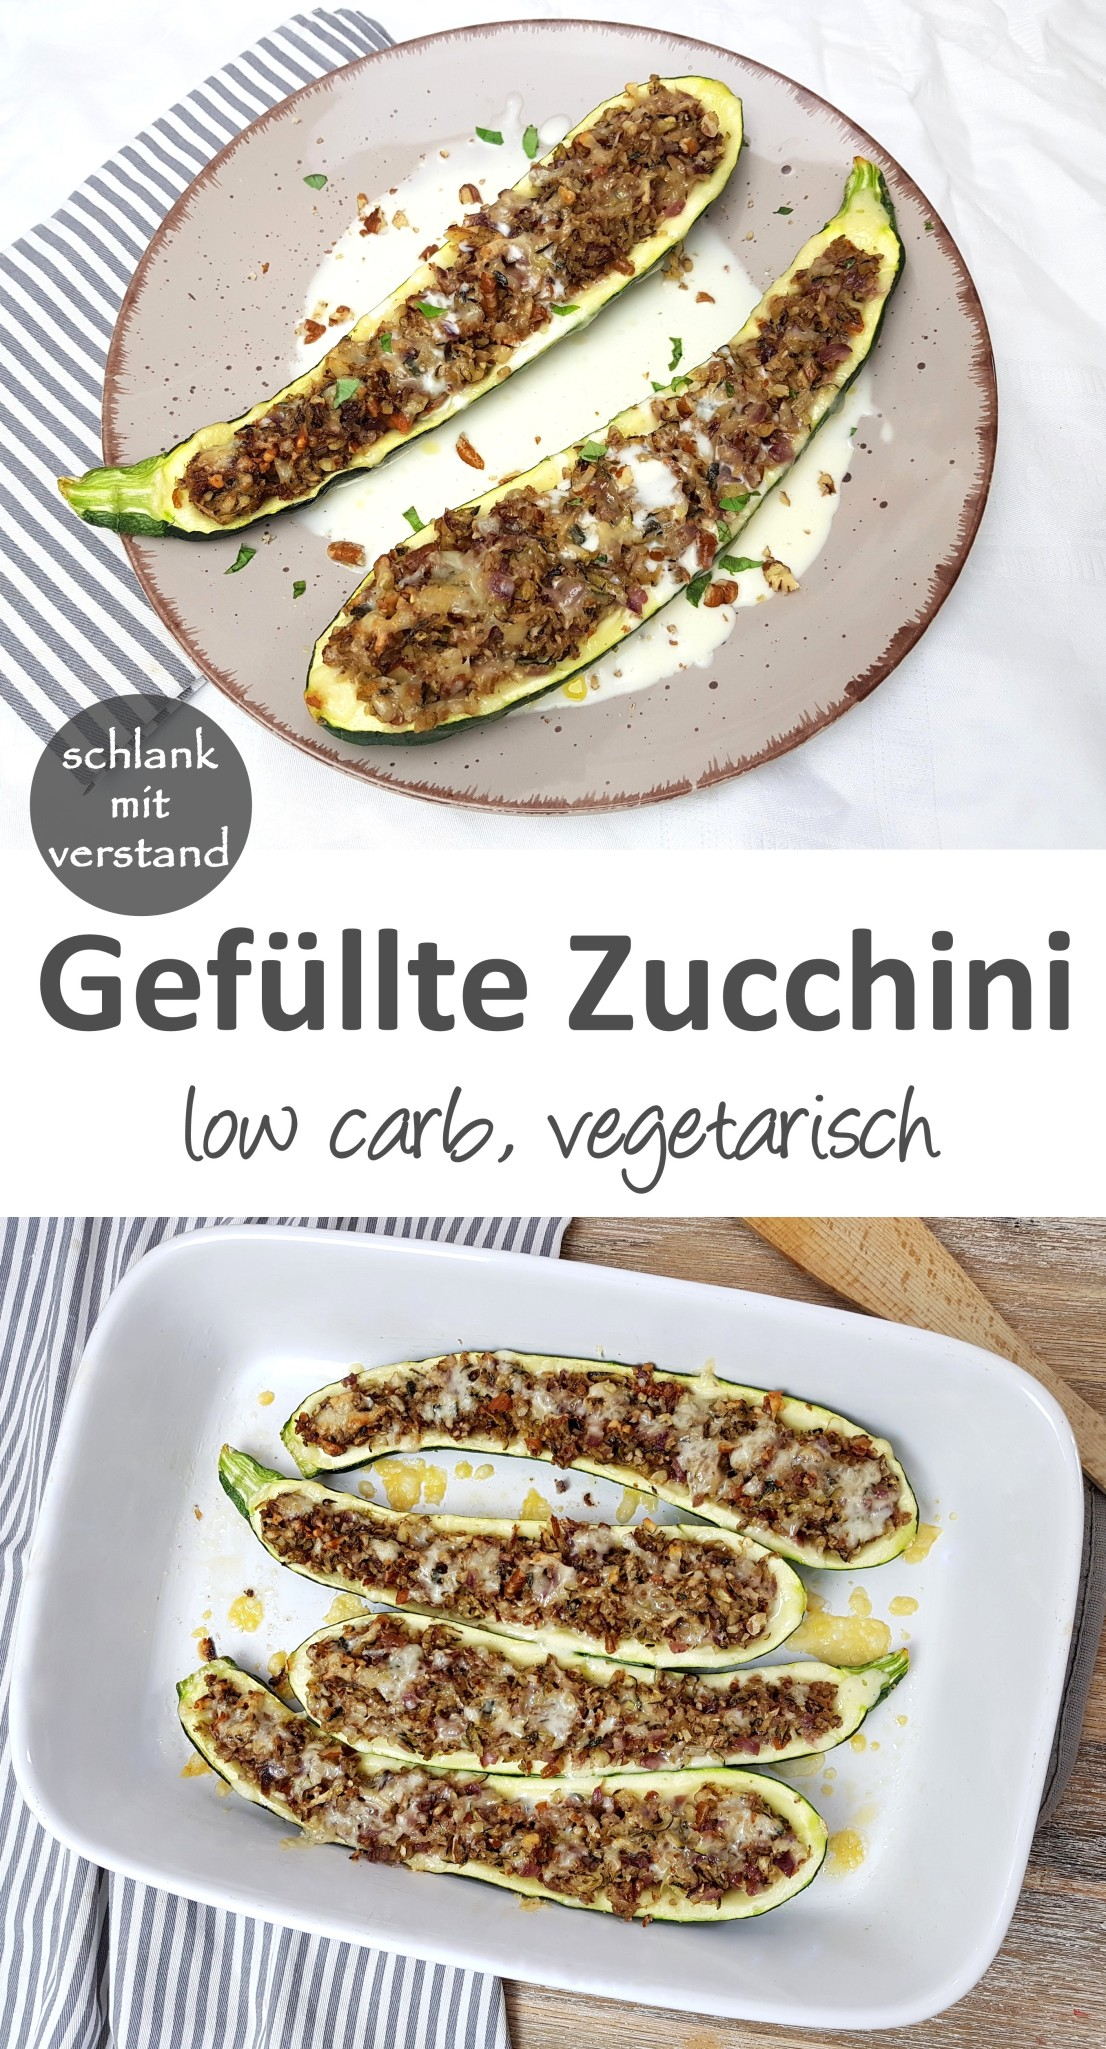 Gefüllte Zucchini vegetarisch low carb